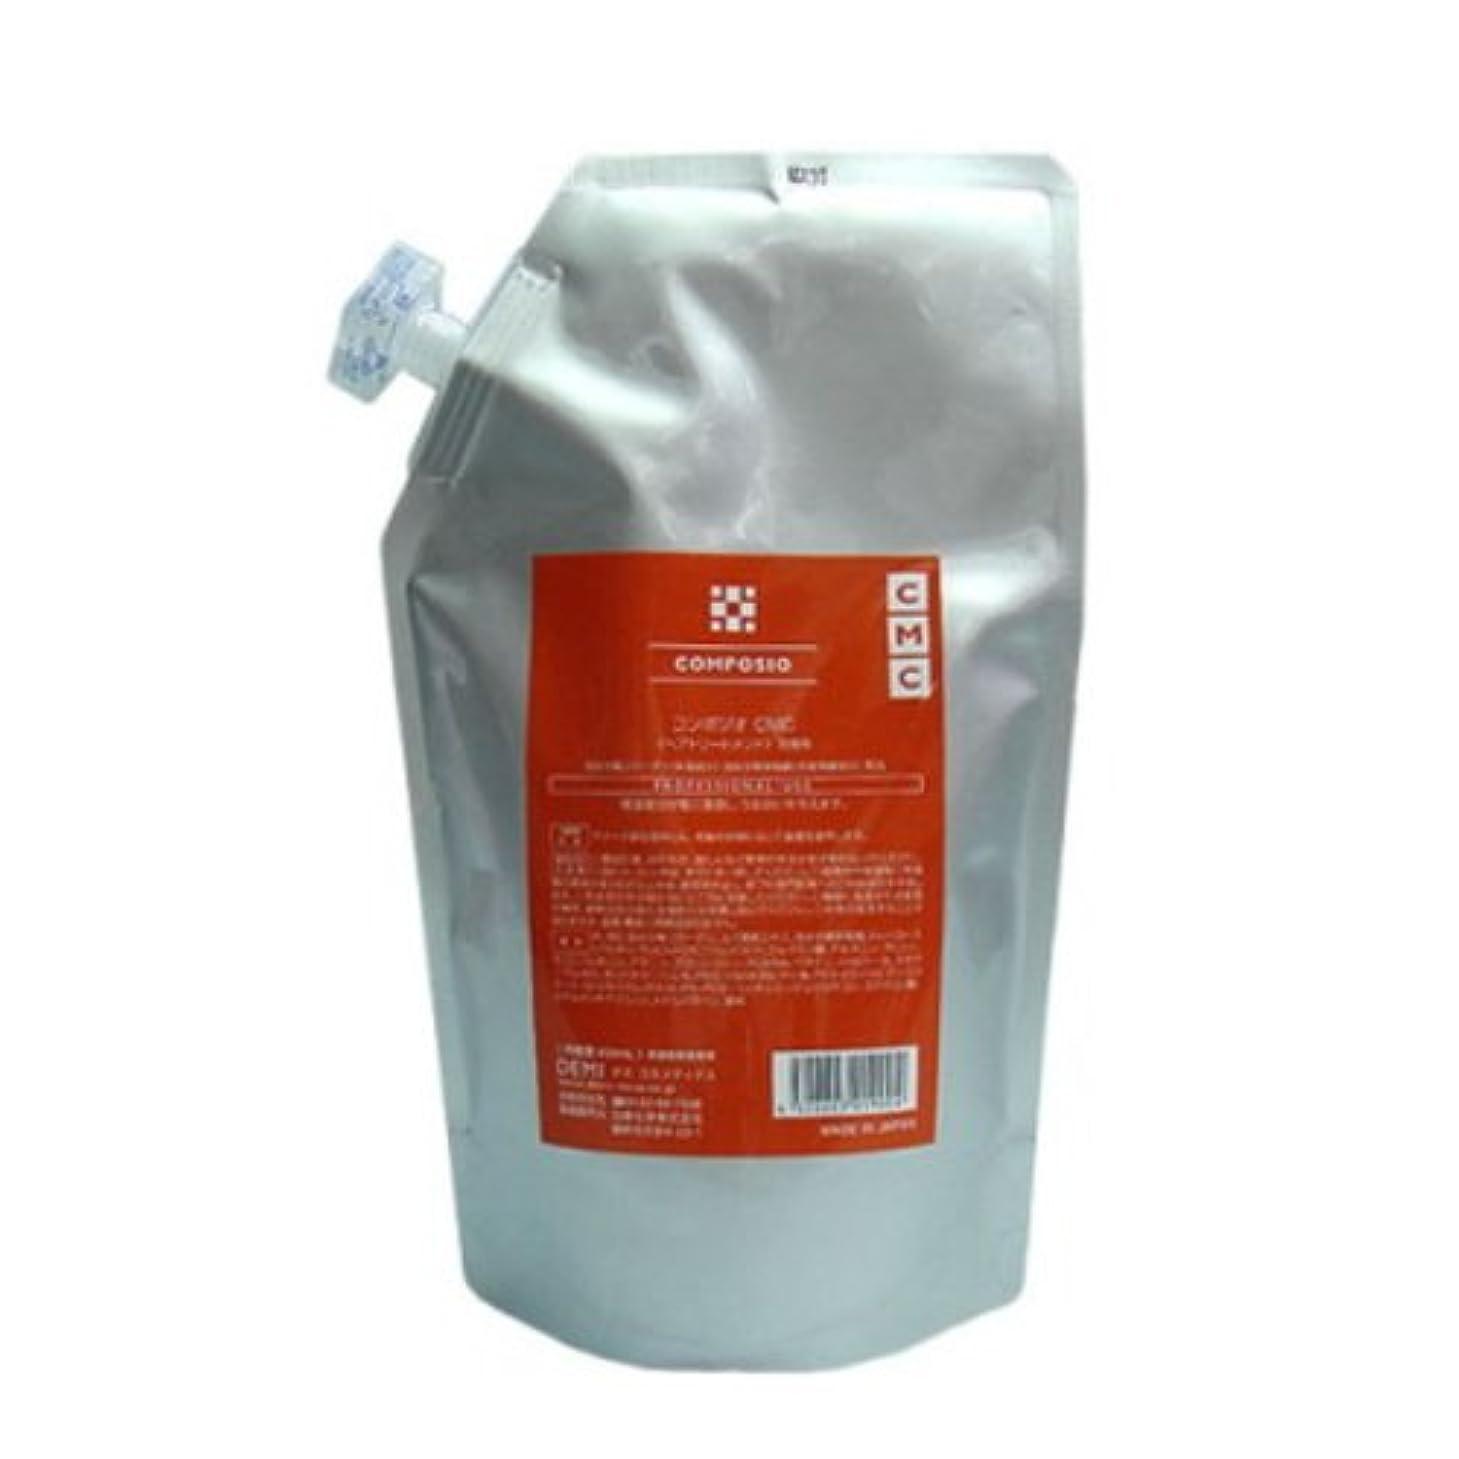 レンチ蒸気バンクデミ コンポジオ CMC 600ml(業務?詰替用)(前処理剤)